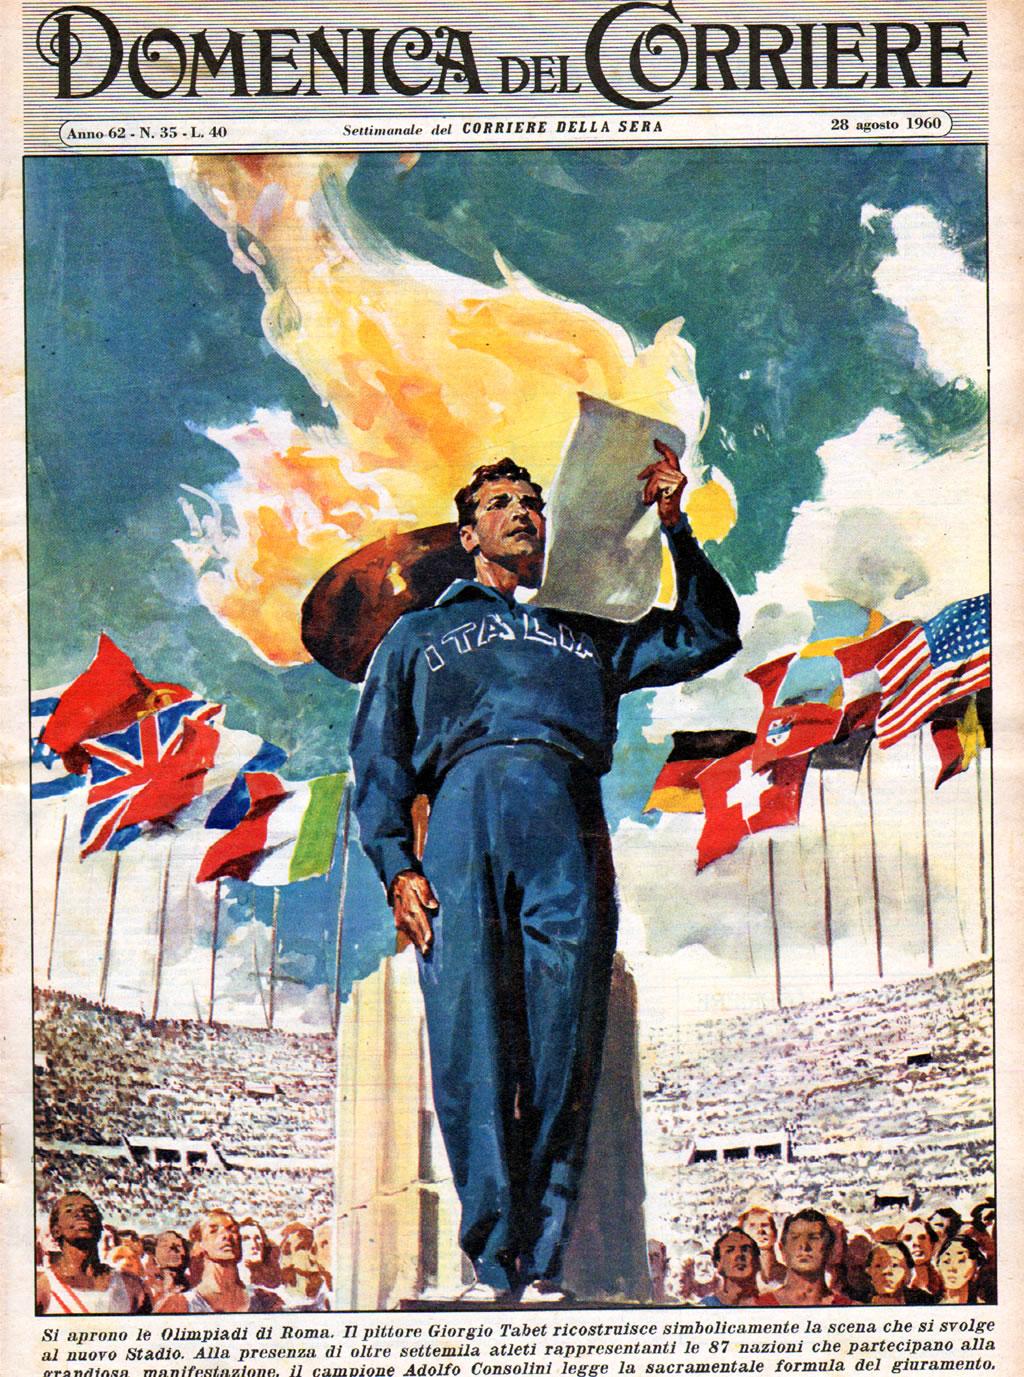 Copertina del pittore Giorgio Tabet, 1960